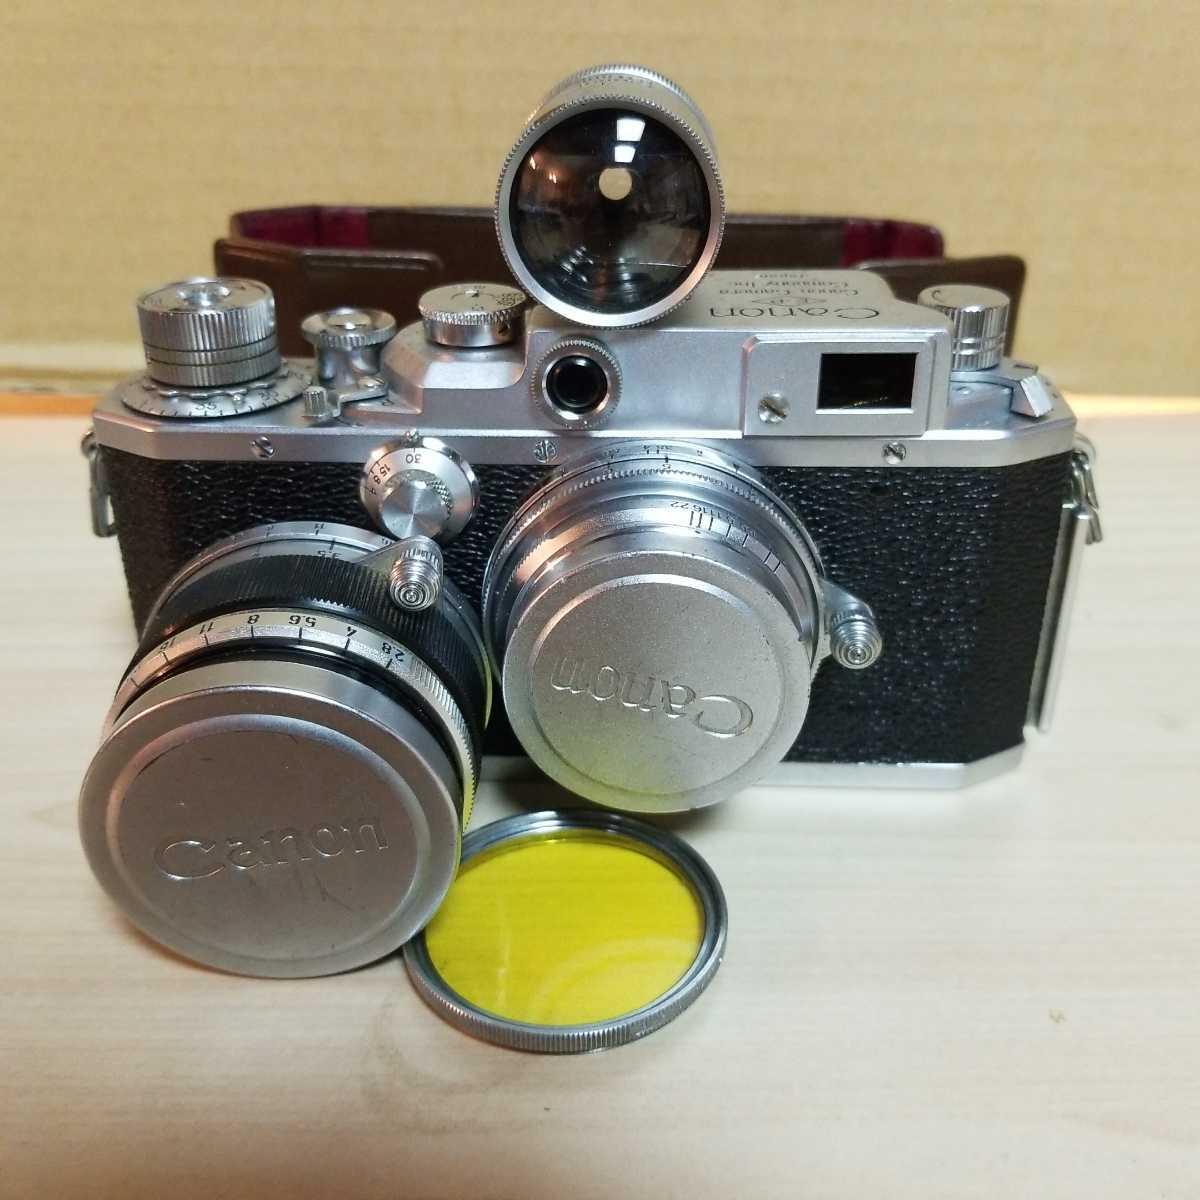 1344 キャノン Canon Camera Company Inc.レンジファインダー  35mm 28mm レンズ2本セット